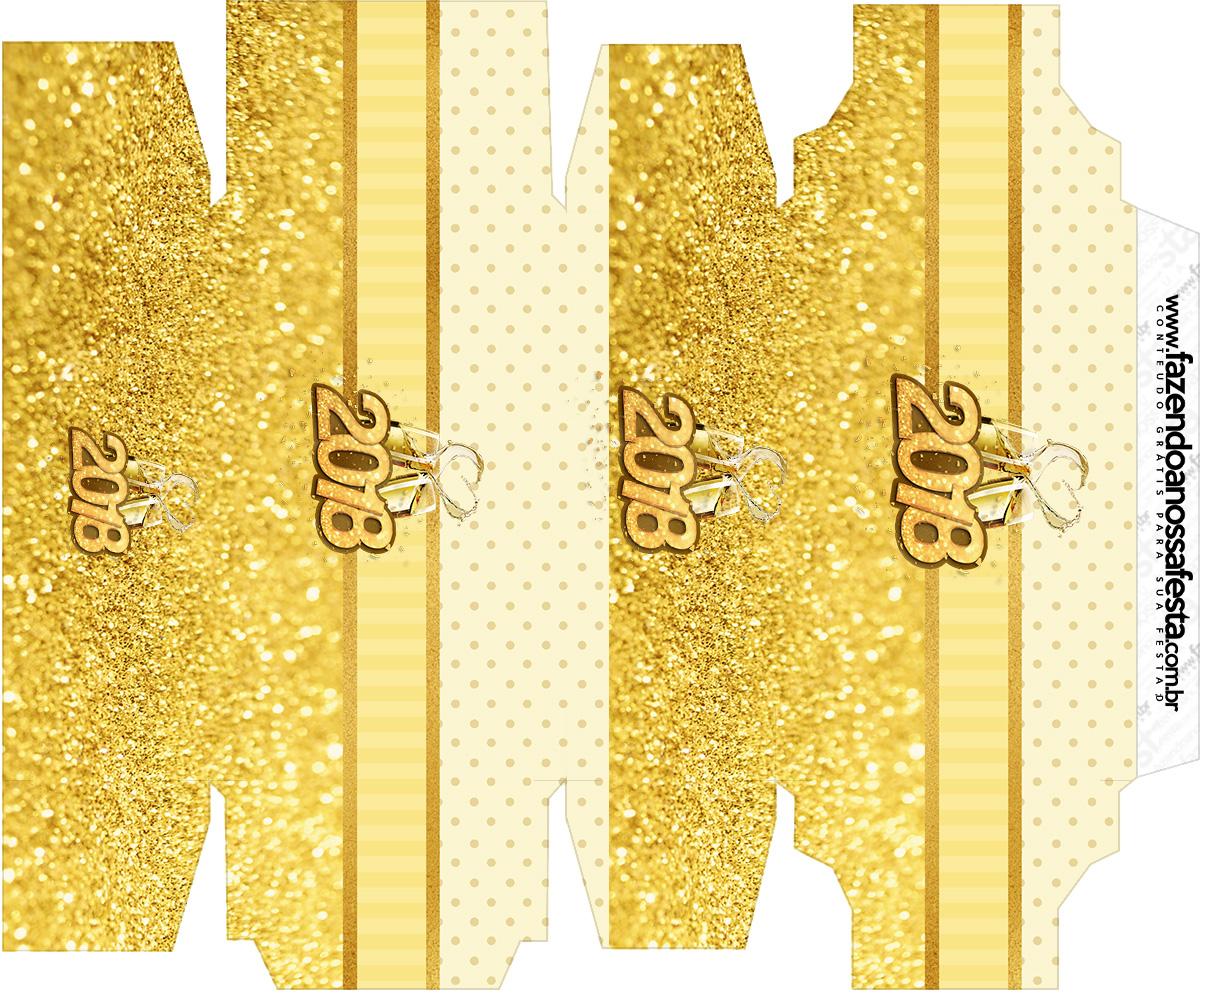 Caixa sabonete Ano Novo 2018